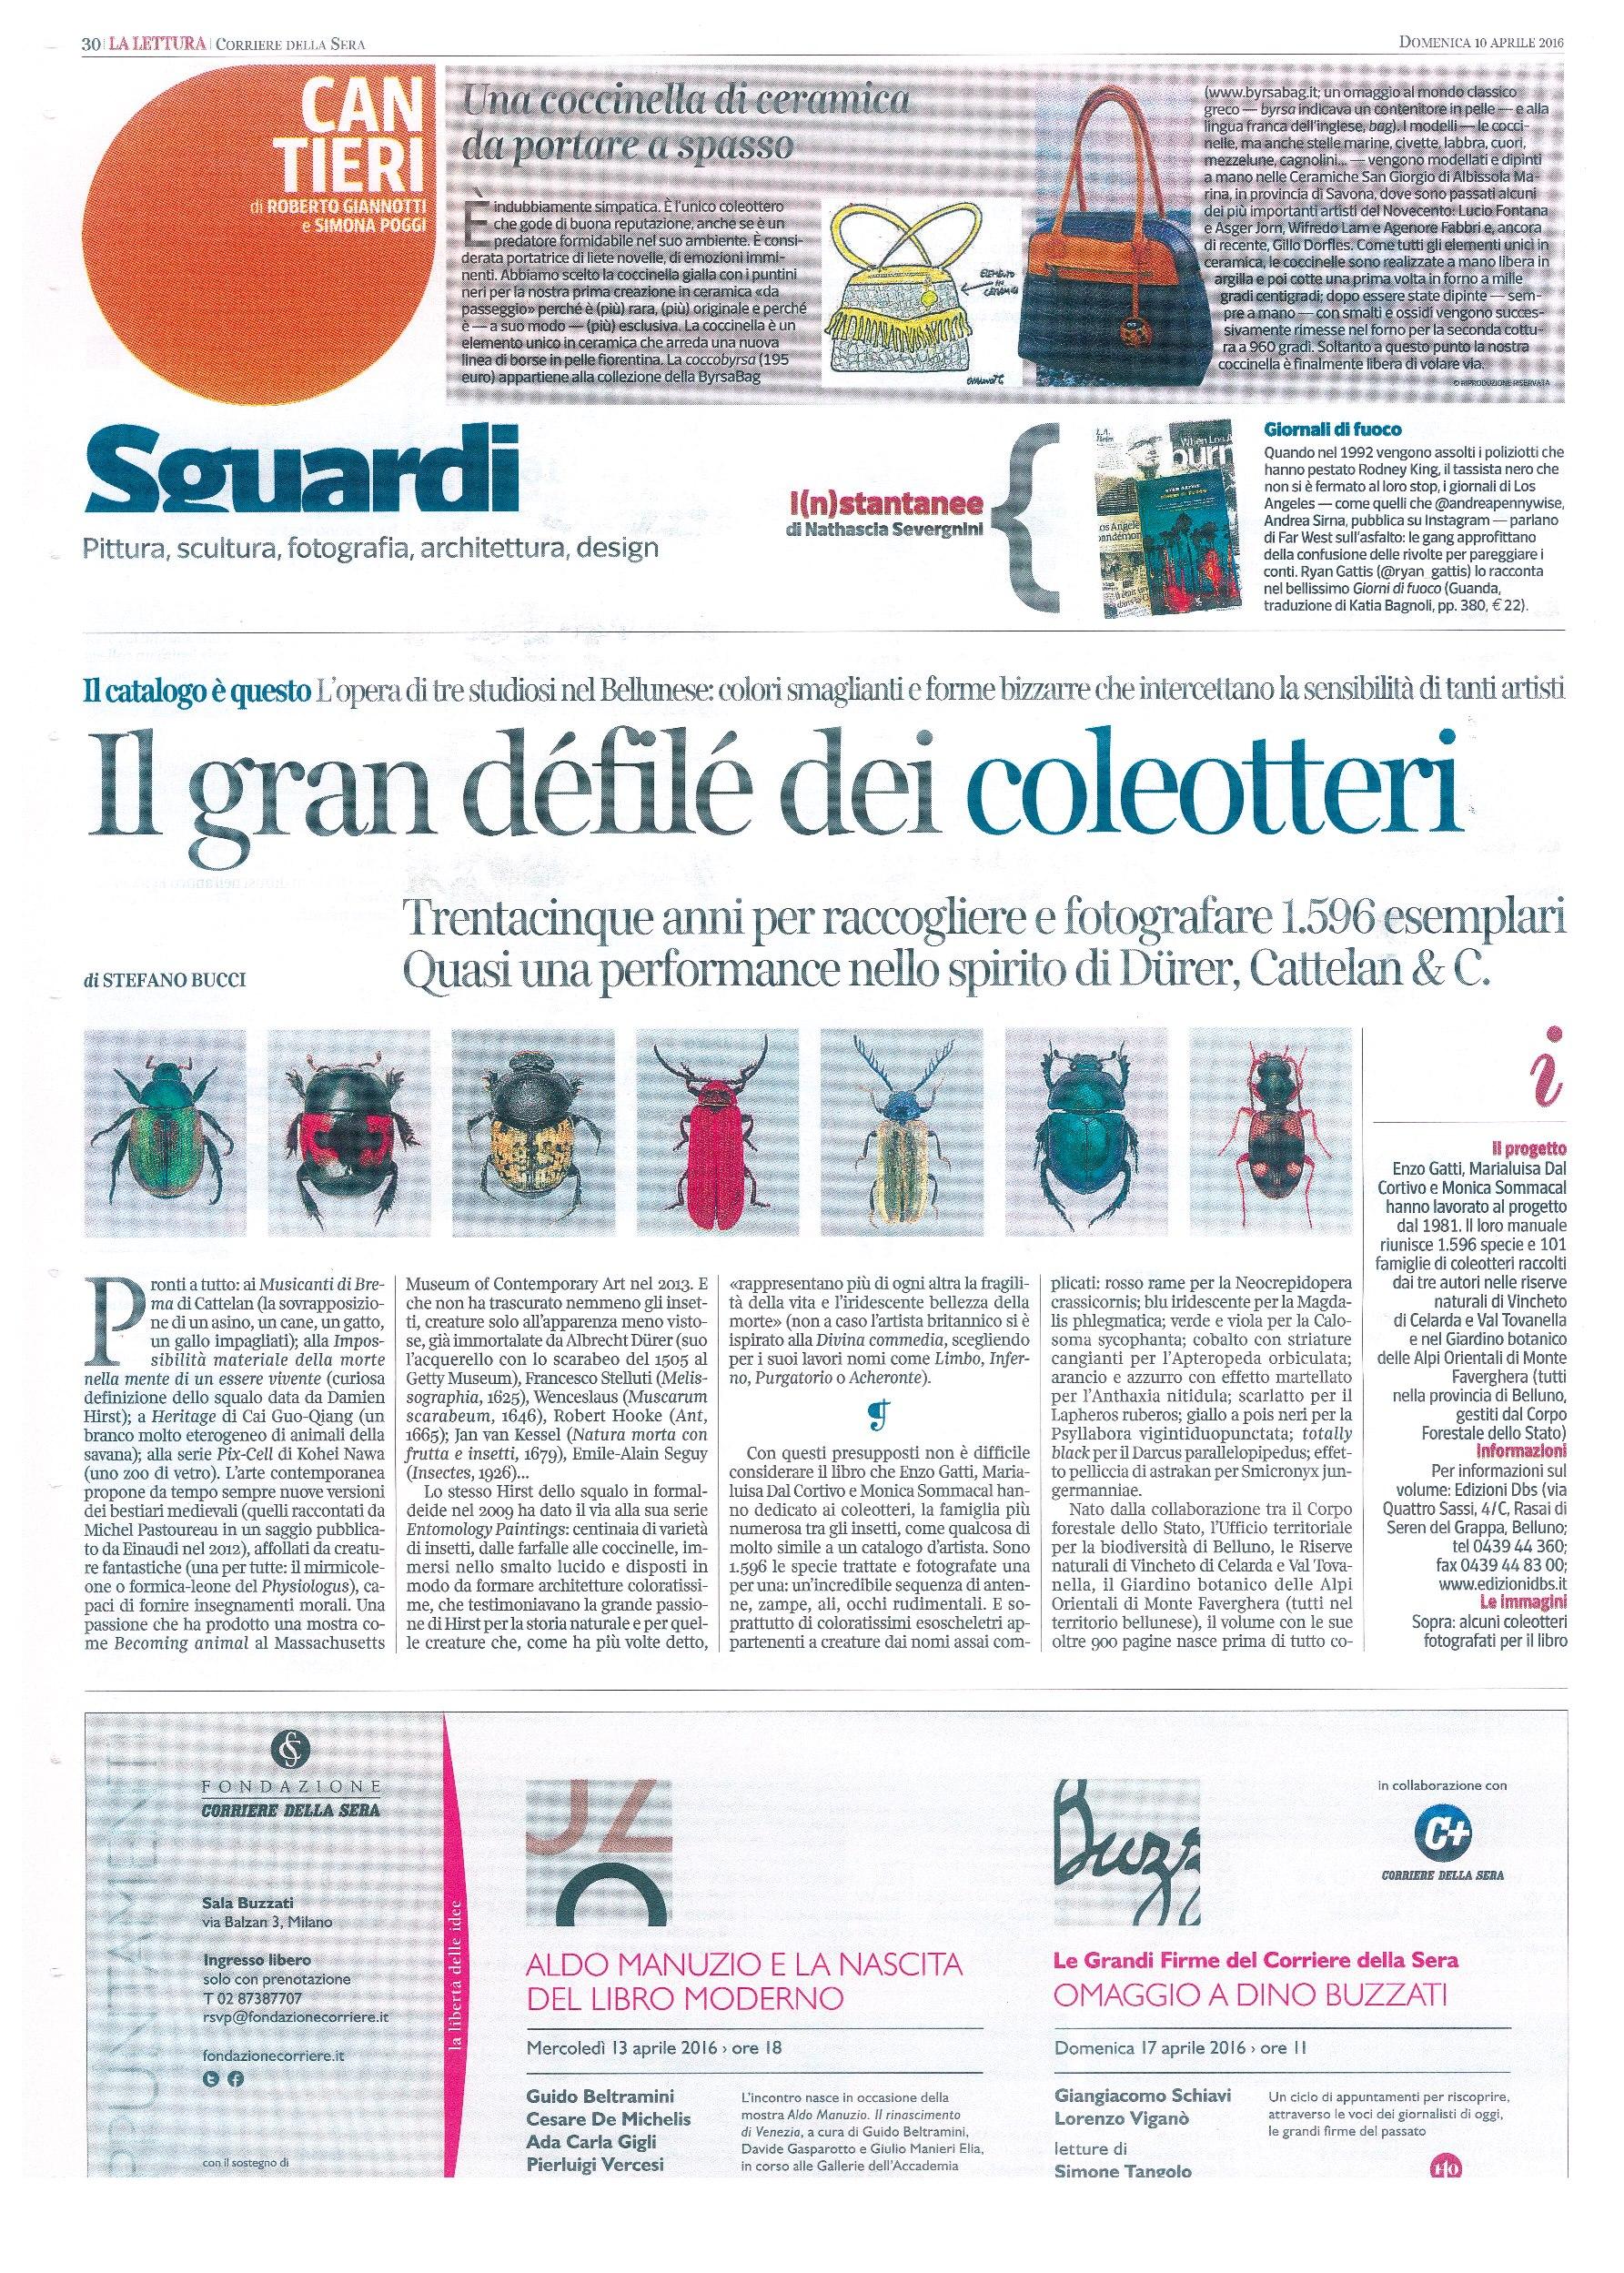 Corriere pagine 1 Coleotteri_R